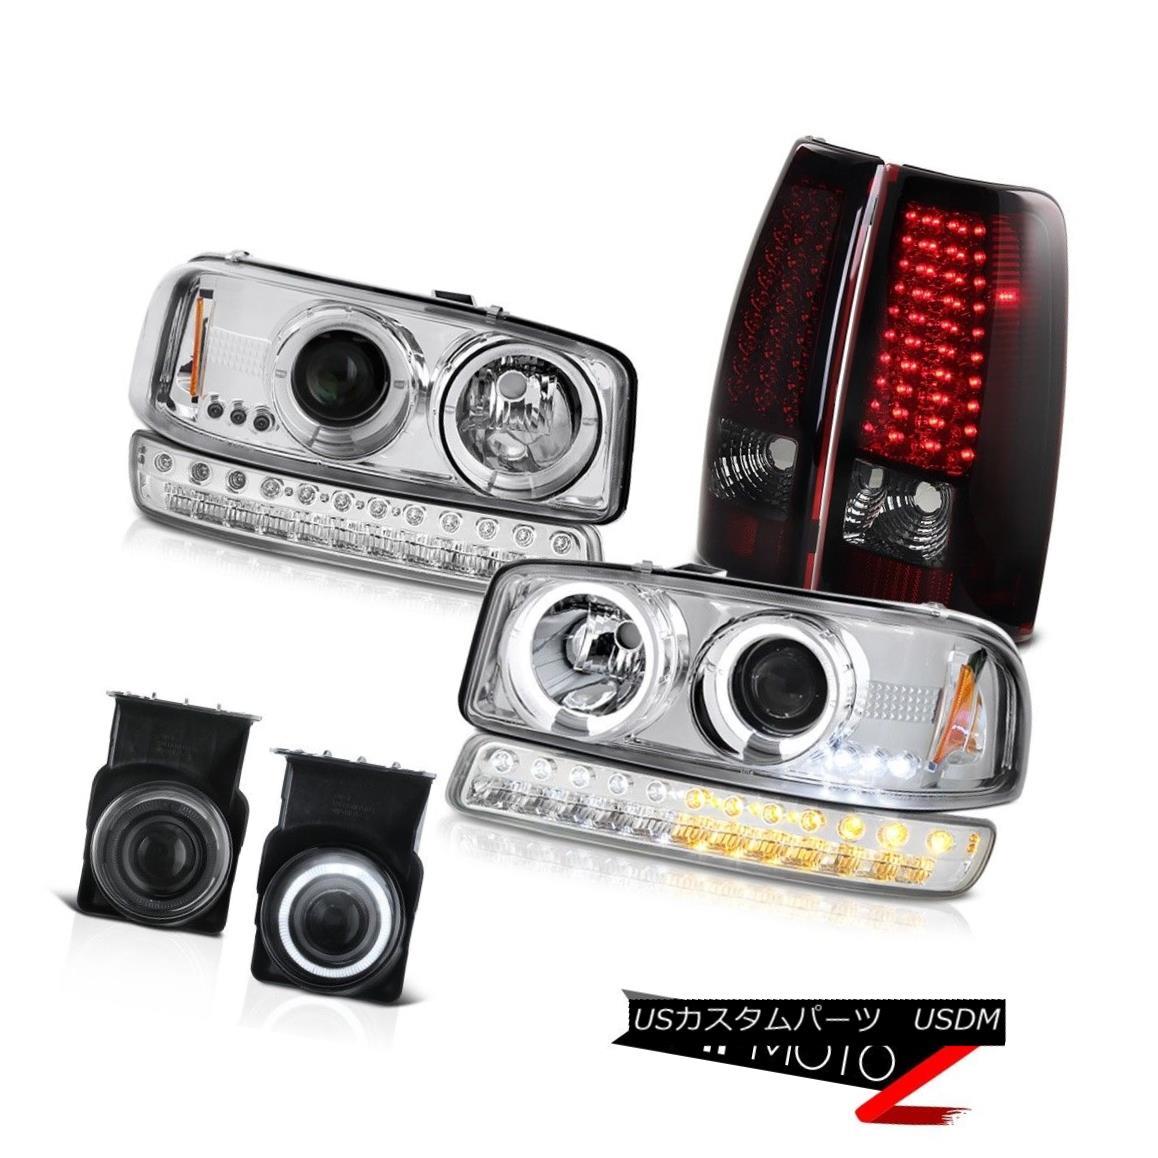 テールライト 2003-2006 Sierra SL Smoked Fog Lights Red Rear SMD Brake Parking Lamp Headlamps 2003-2006シエラSLスモークフォグライトレッドリアSMDブレーキパーキングランプヘッドランプ